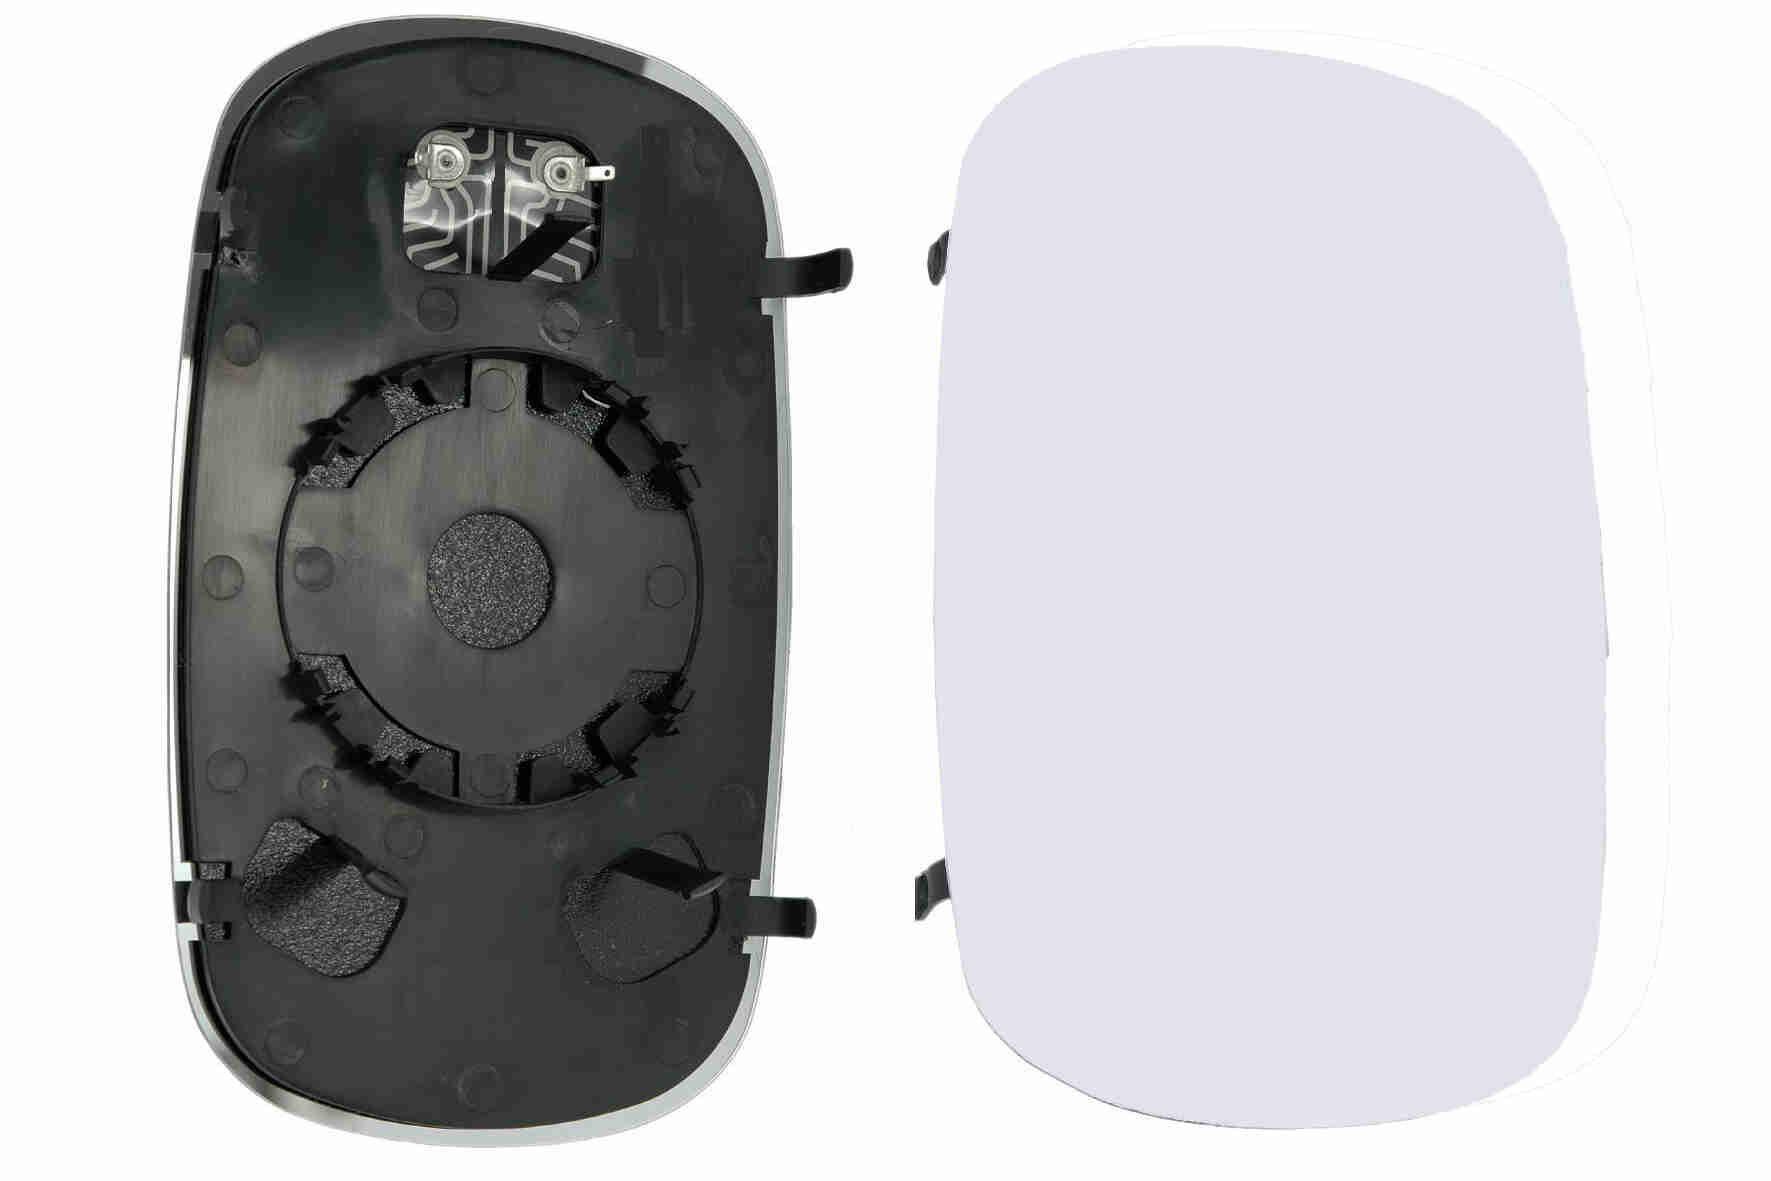 V40-63-0064 VEMO Q+, Erstausrüsterqualität MADE IN GERMANY, elektrisch, ohne Dichtung, Steuergerät/Software muss angelernt/upgedatet werden Pol-Anzahl: 5-polig AGR-Ventil V40-63-0064 günstig kaufen